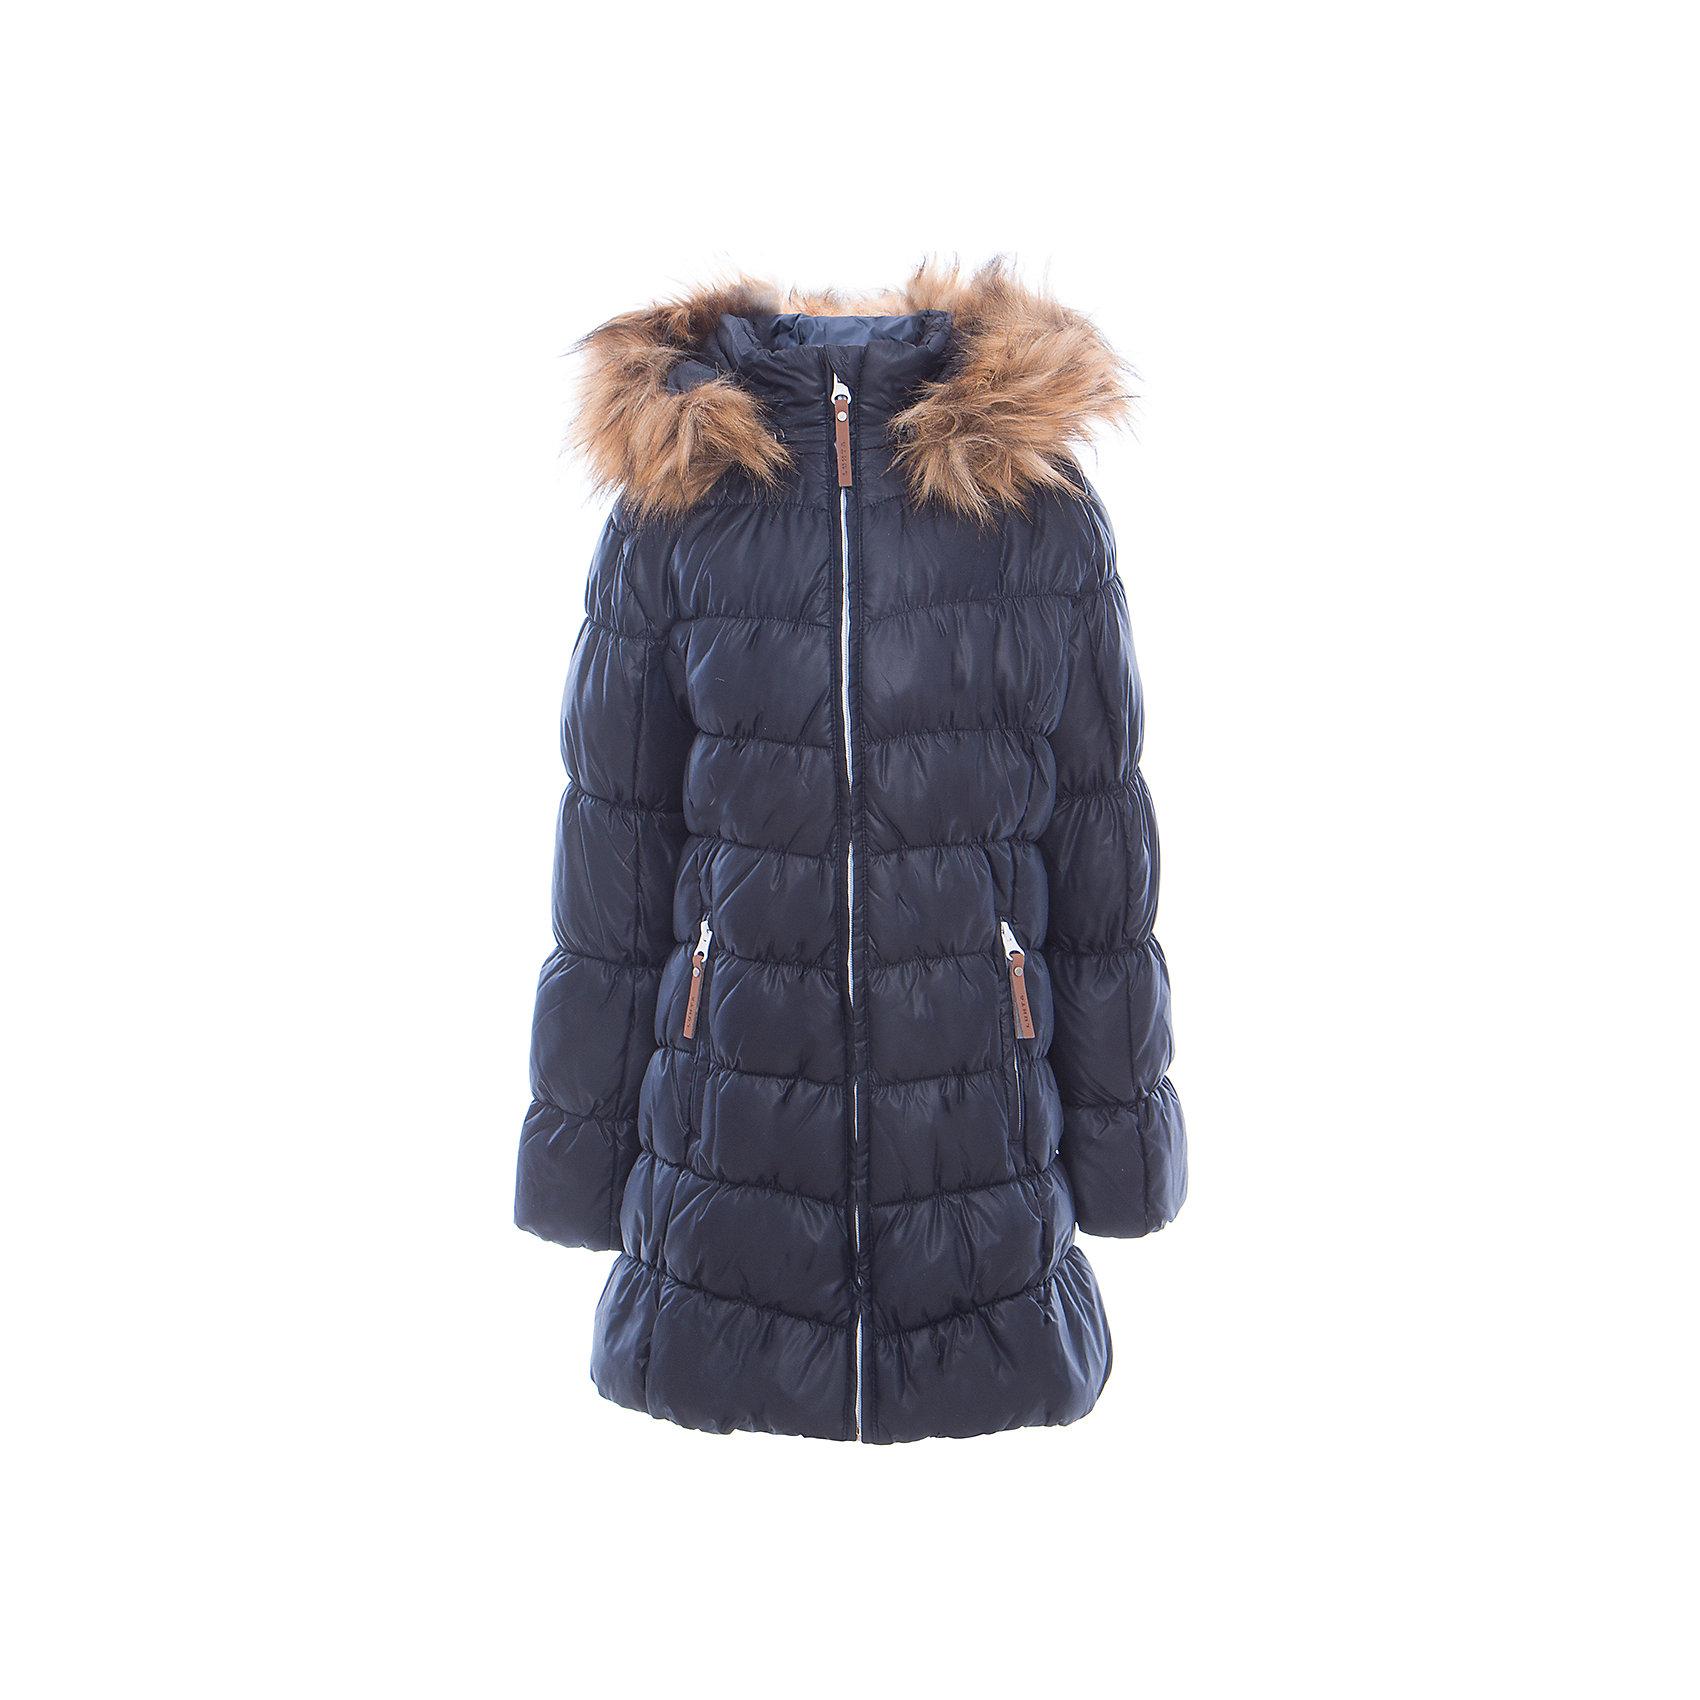 Пальто для девочки LuhtaОдежда<br>Пальто для девочки от известного бренда Luhta.<br>Пальто с отстегивающимся капюшоном, искусственный мех, элегантный силуэт, декоративная прострочка, боковые карманы на молнии, утепление 280 гр. Рекомендуемый температурный режим до -30 град. Внутри пальто находится температурный датчик.<br>Технологии: Luhta WATER REPELLENT; Luhta SAFETY; Luhta TEMPERATURE CONTROL; Luhta DOWN MIX; Luhta -30; Reflectors<br>Состав:<br>100% полиэстер<br><br>Ширина мм: 356<br>Глубина мм: 10<br>Высота мм: 245<br>Вес г: 519<br>Цвет: синий<br>Возраст от месяцев: 156<br>Возраст до месяцев: 168<br>Пол: Женский<br>Возраст: Детский<br>Размер: 164,140,146,152,134,158<br>SKU: 5414028